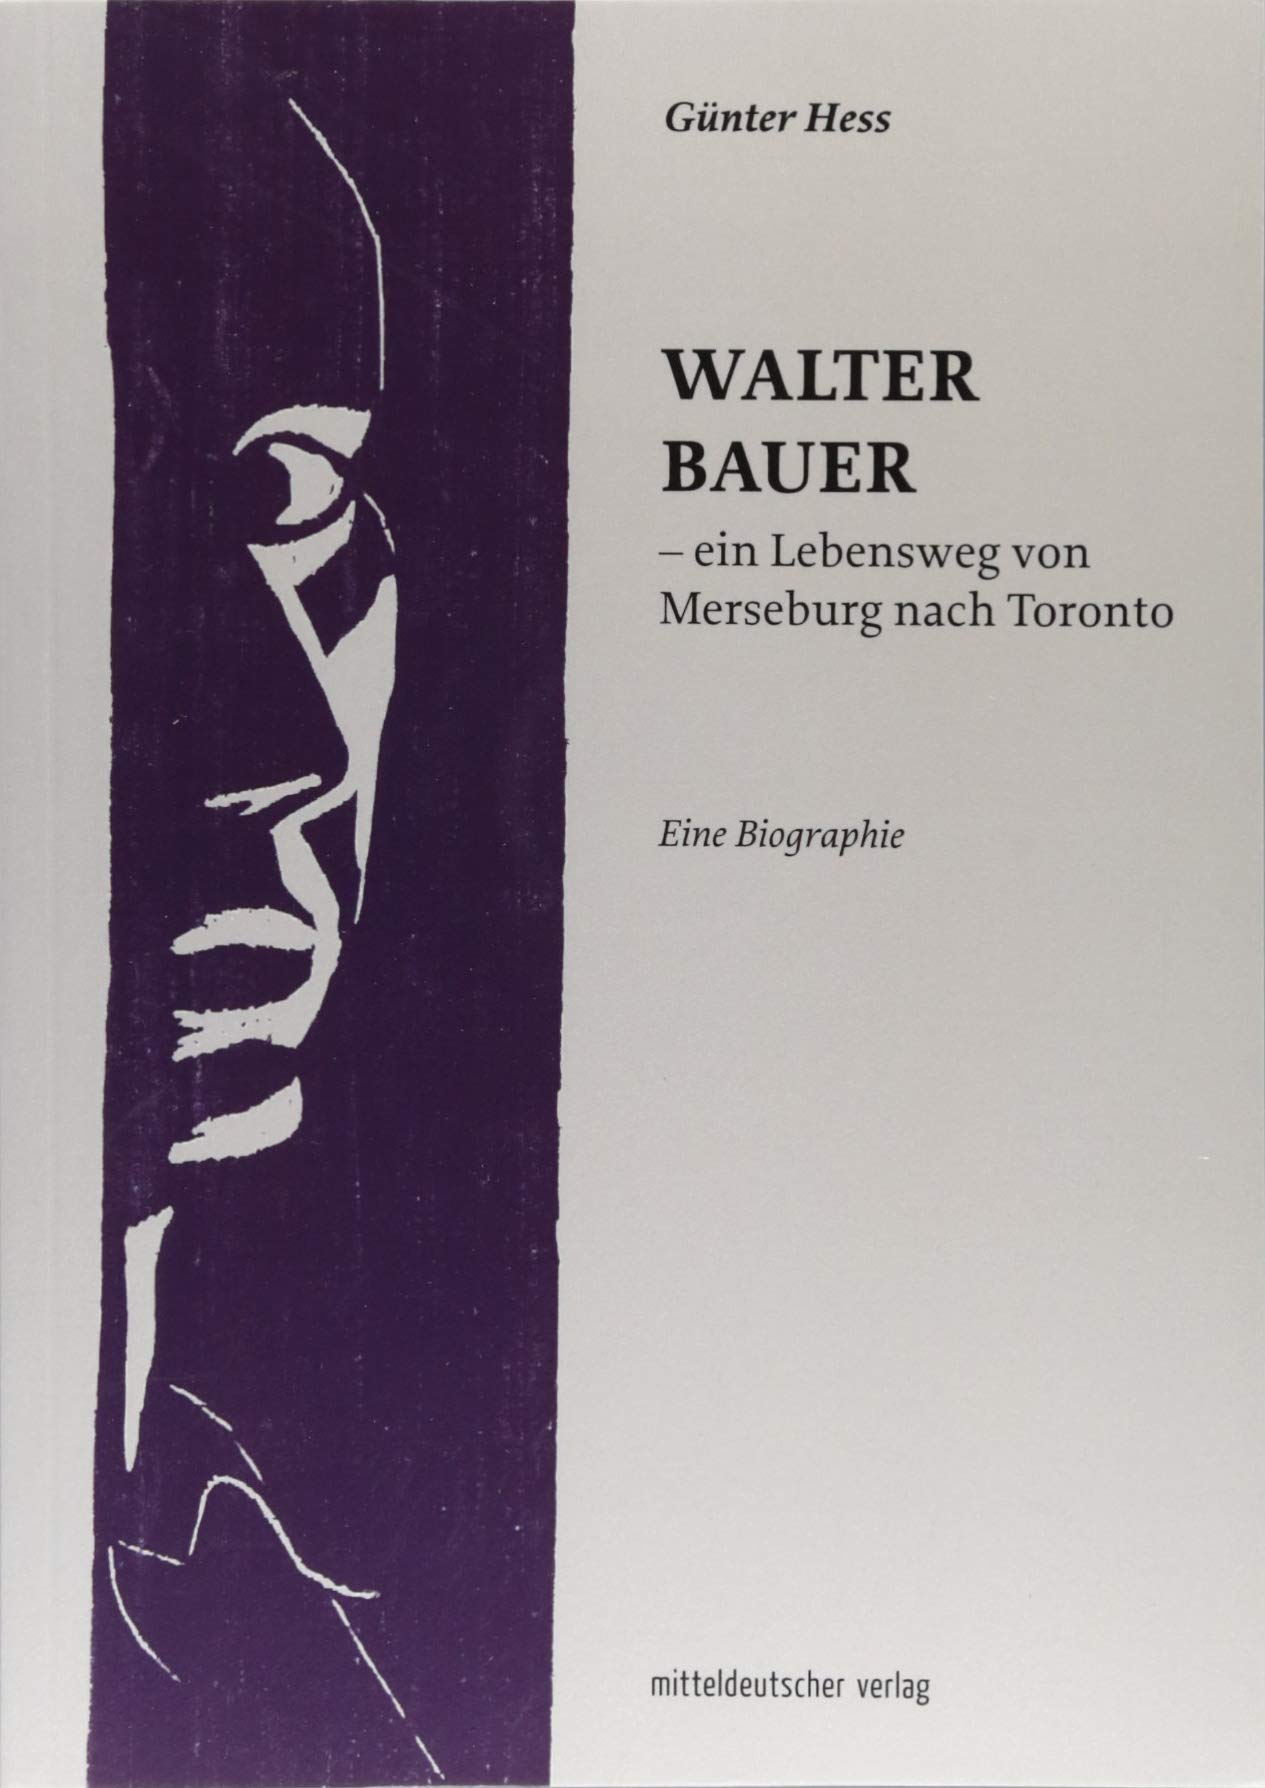 Walter Bauer - ein Lebensweg von Merseburg nach Toronto: Eine Biographie